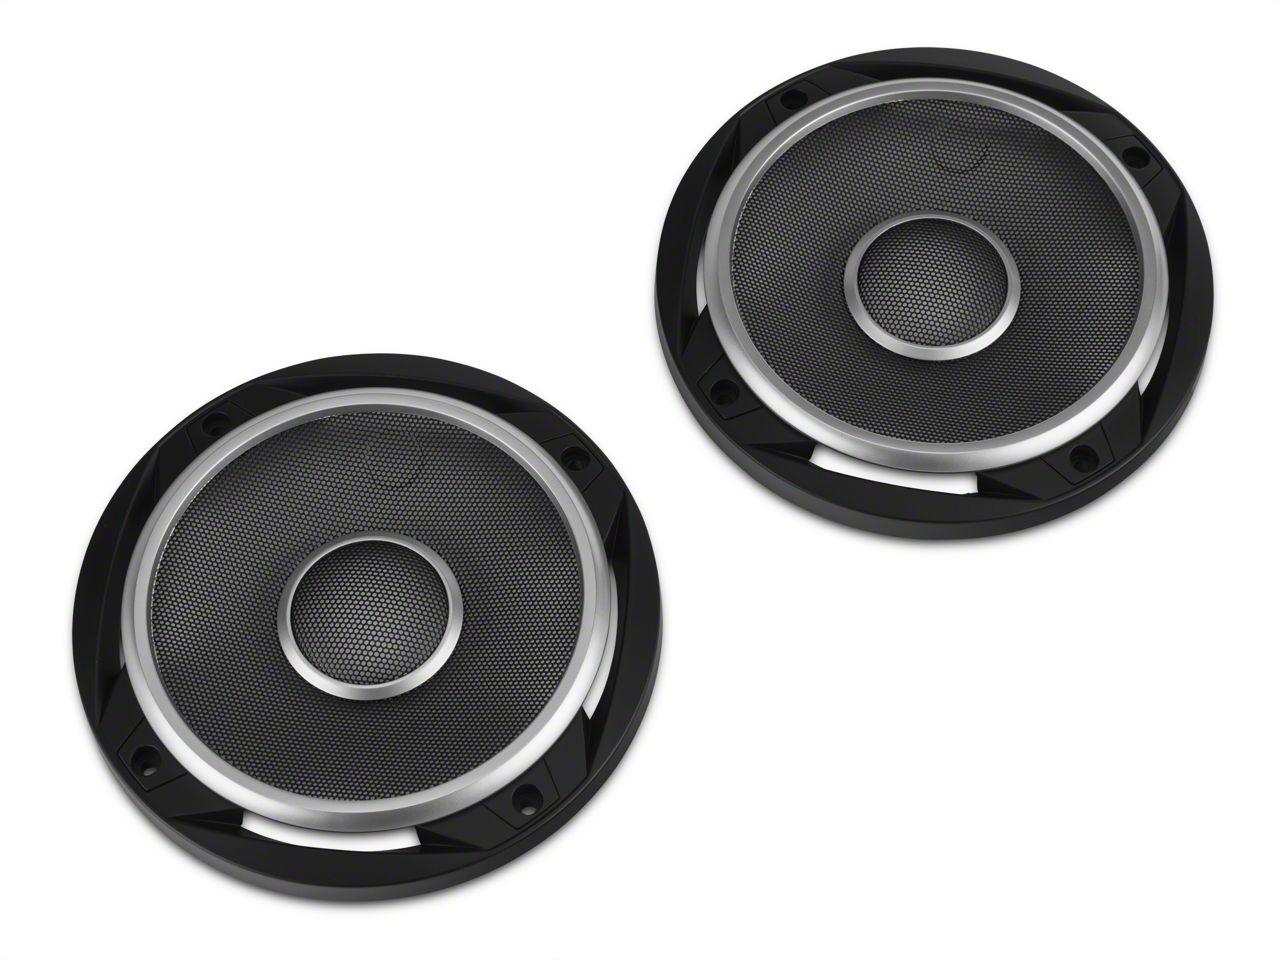 Wiring Car Audio Speakers In Series